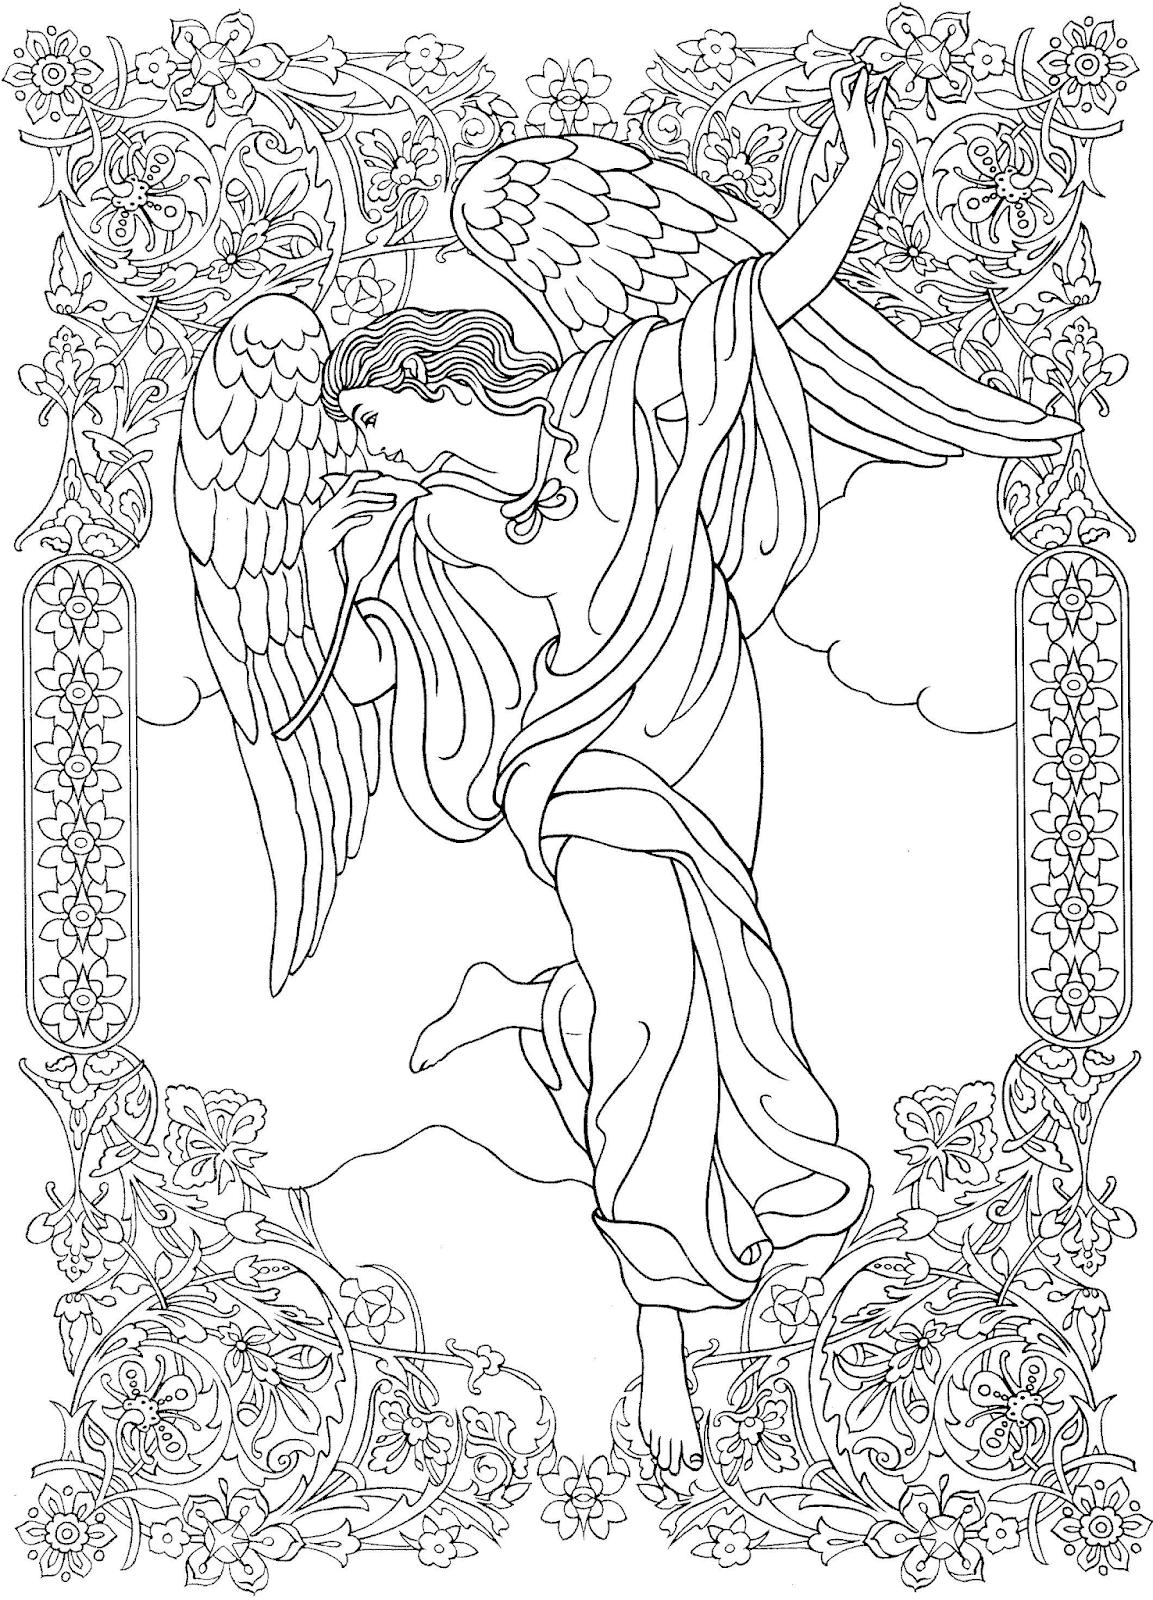 Malvorlage Engel Ausmalbilder Zum Ausdrucken Kostenlos